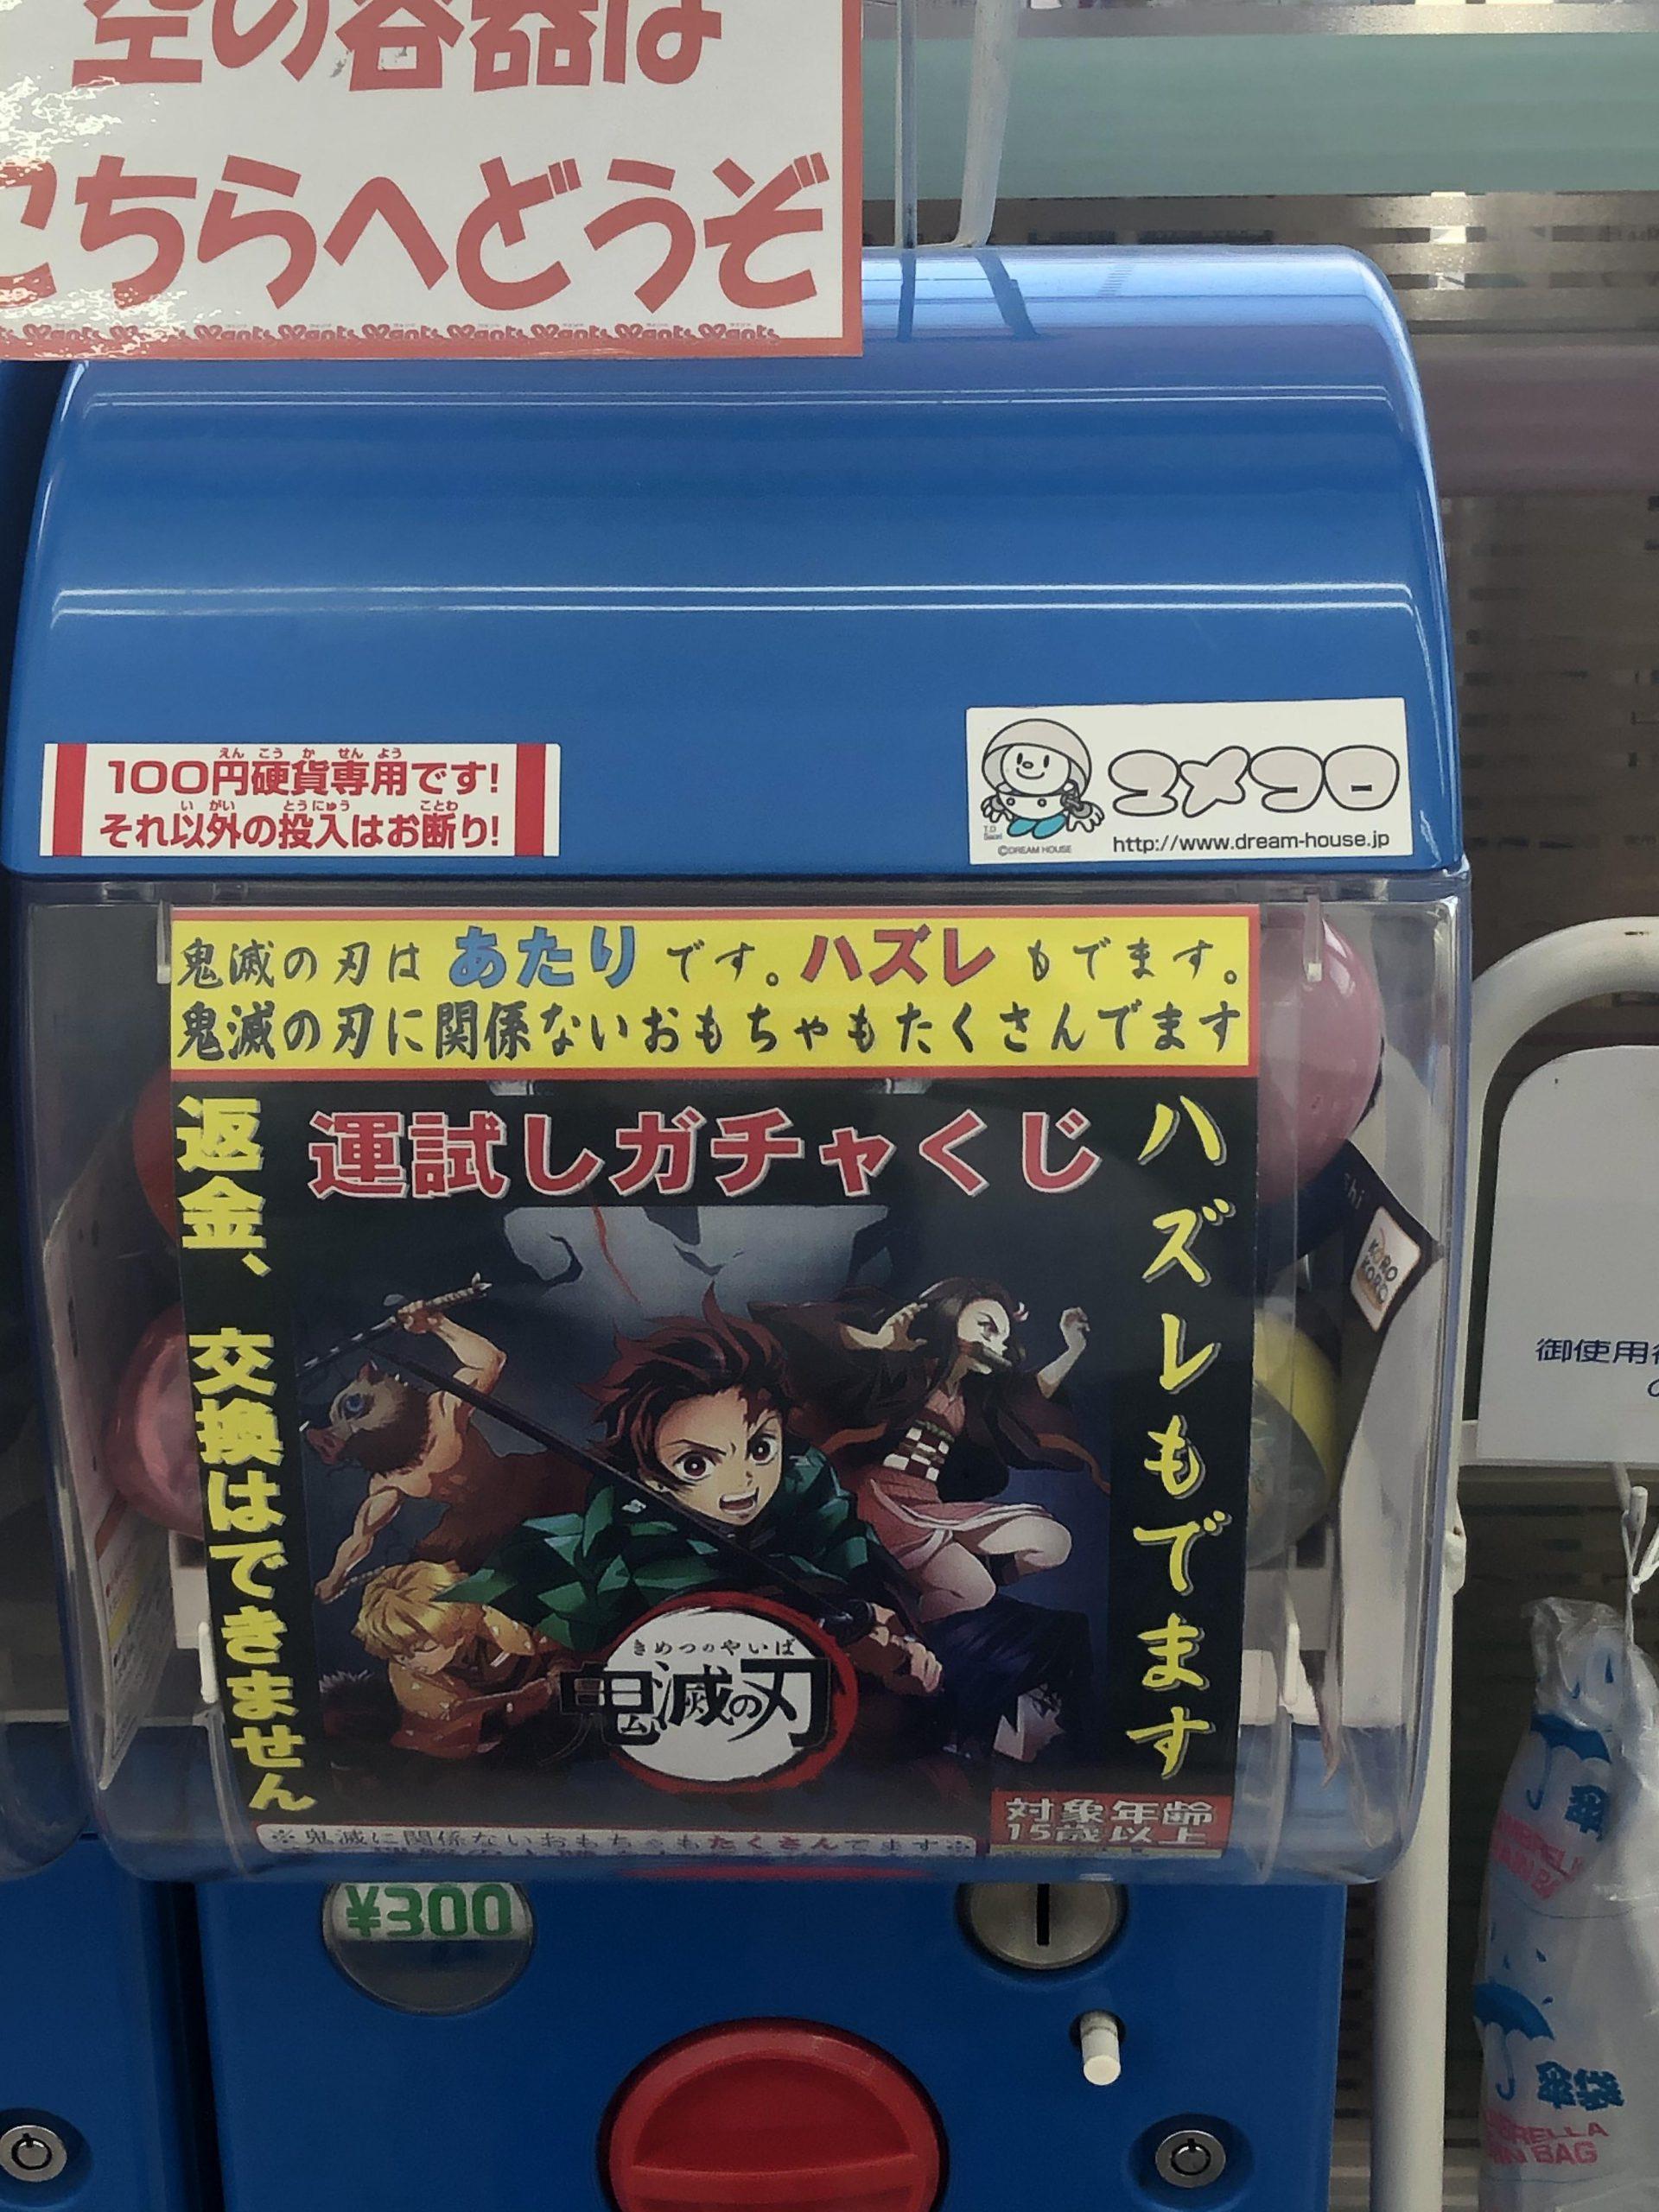 2 13 scaled - 鬼滅の刃つまらなさすぎワロタァァ!!!!